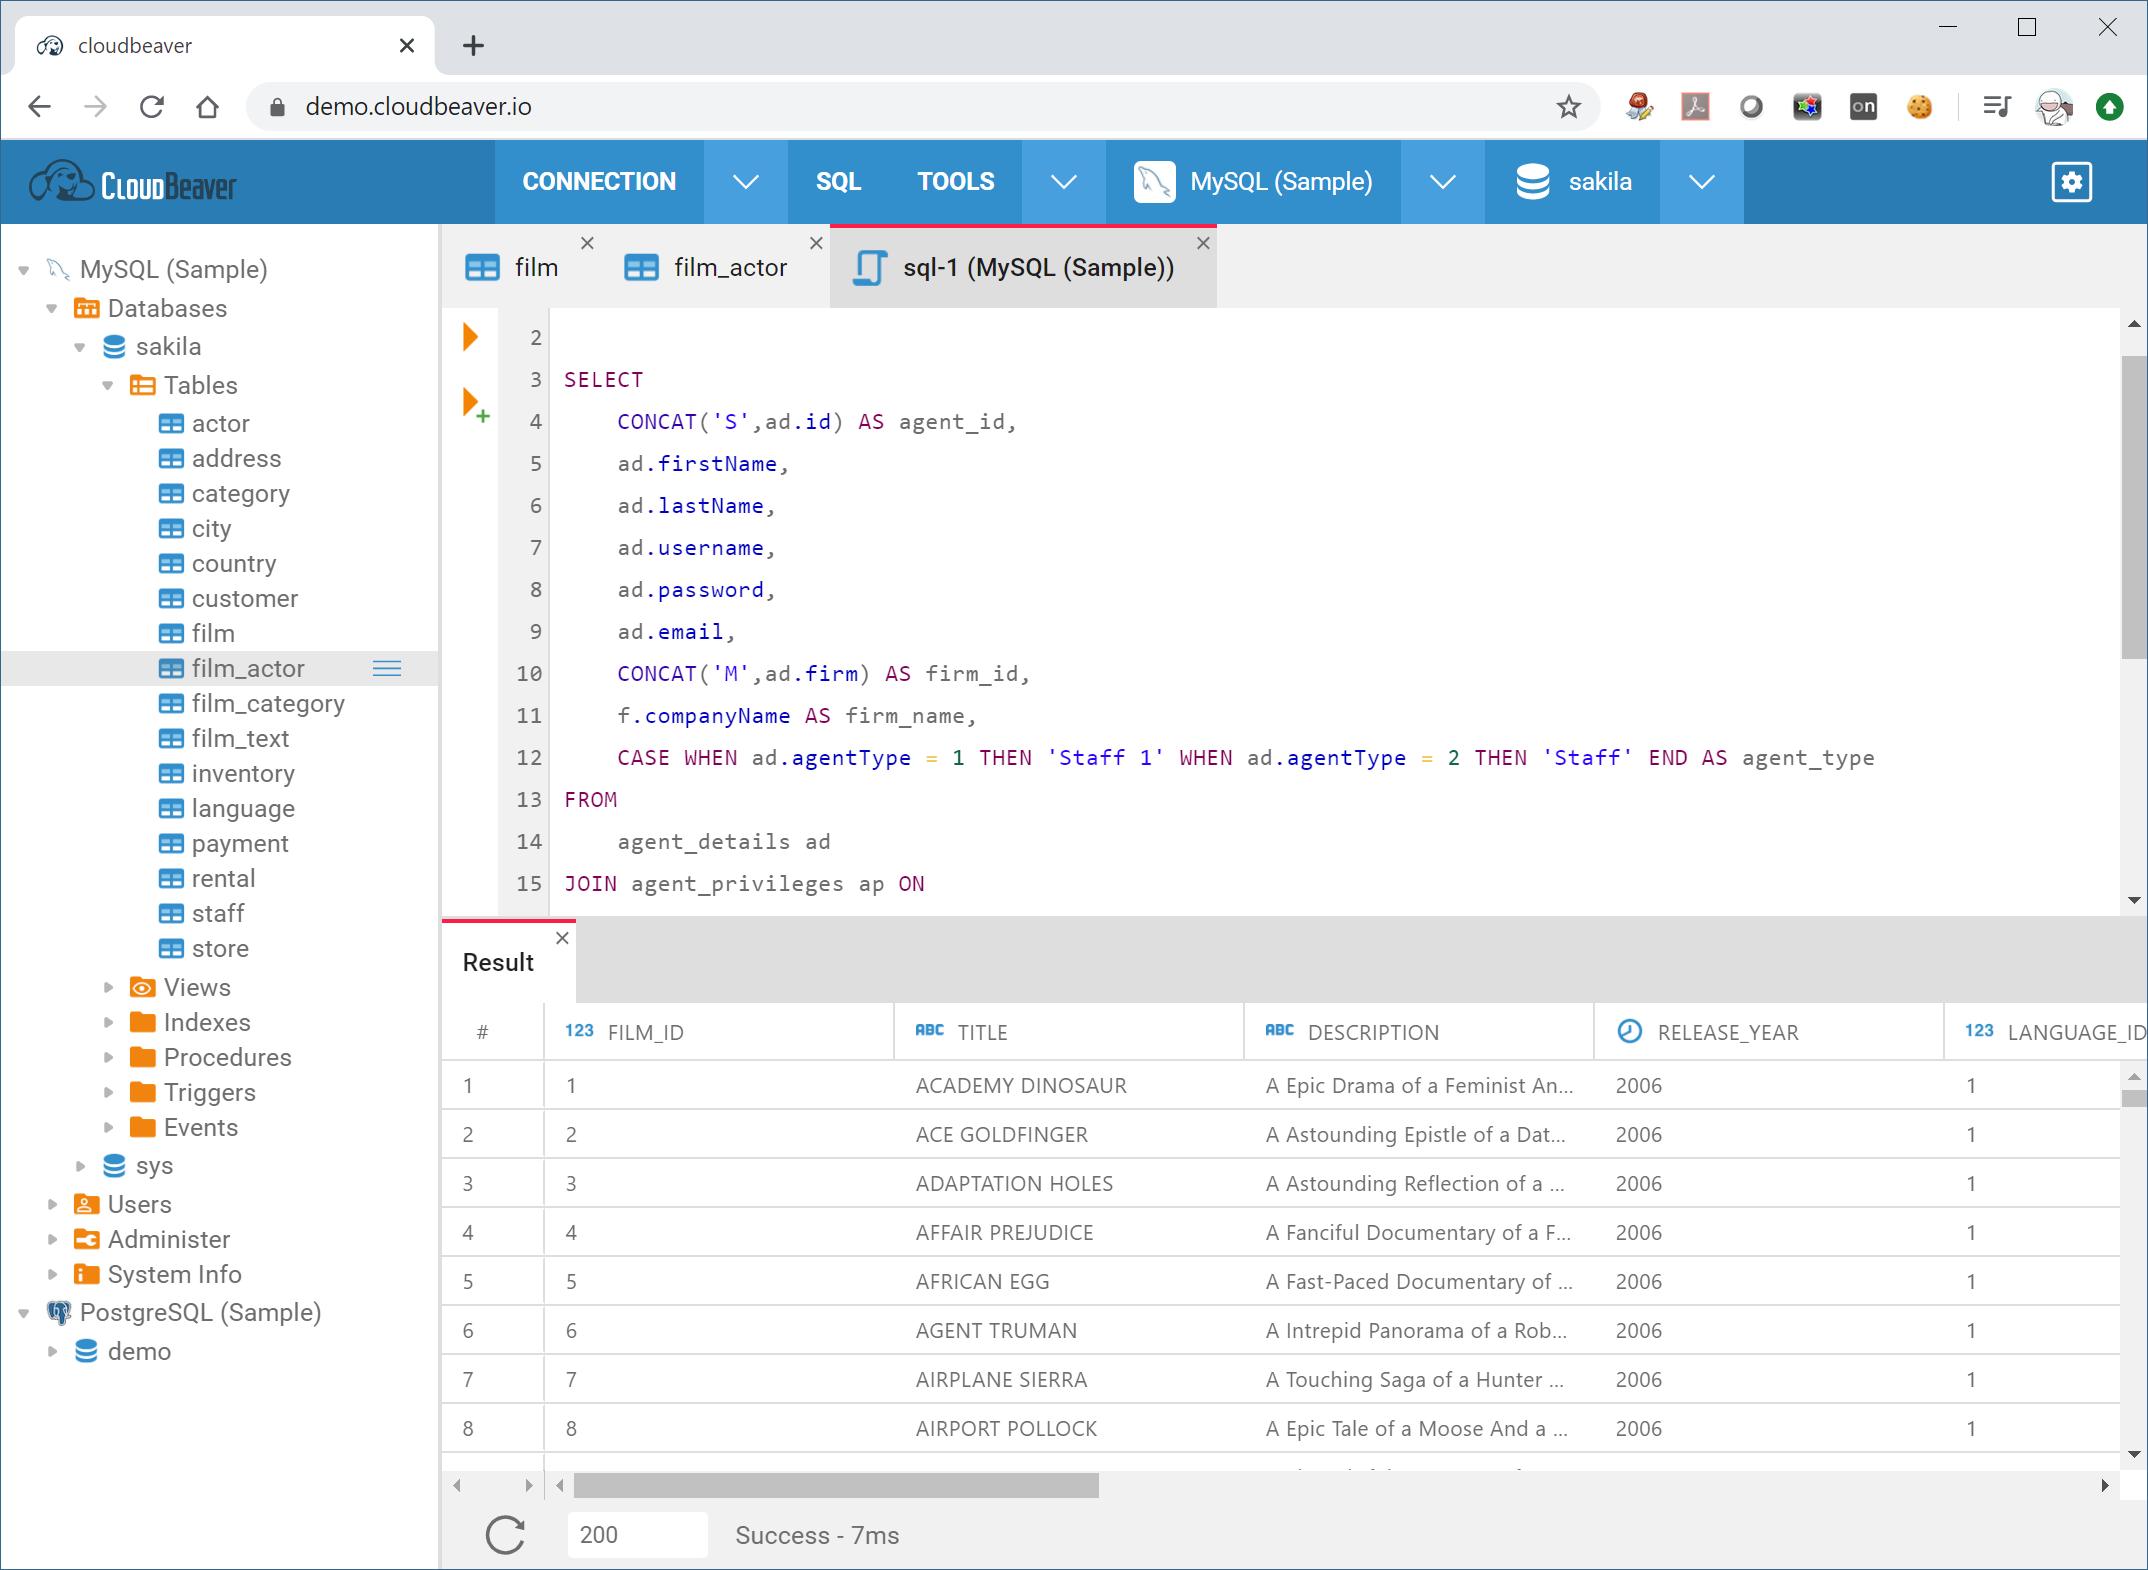 云数据库管理工具 CloudBeaver